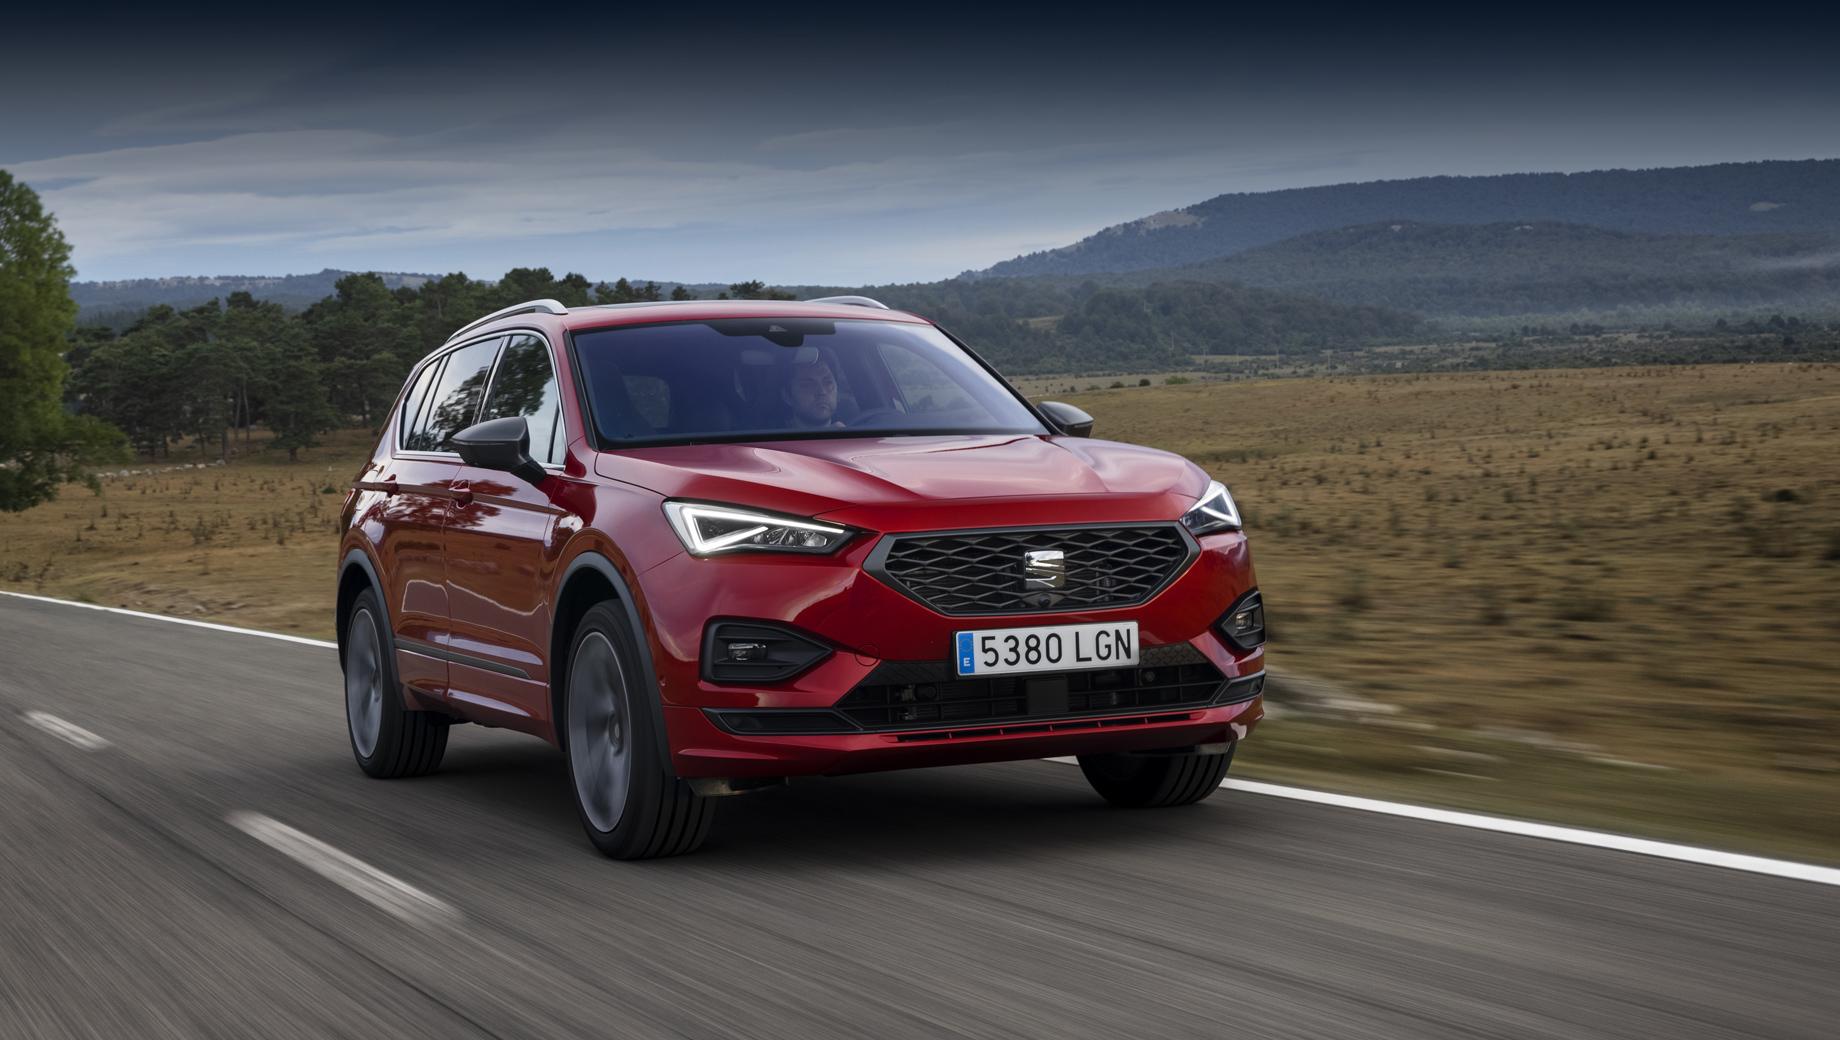 Seat tarraco. Меньше 150 л.с. в Tarraco не бывает, топовые бензиновые и дизельные варианты располагают 190 «лошадками» (они же способны похвастать полным приводом), гибрид самый мощный — 245 сил.